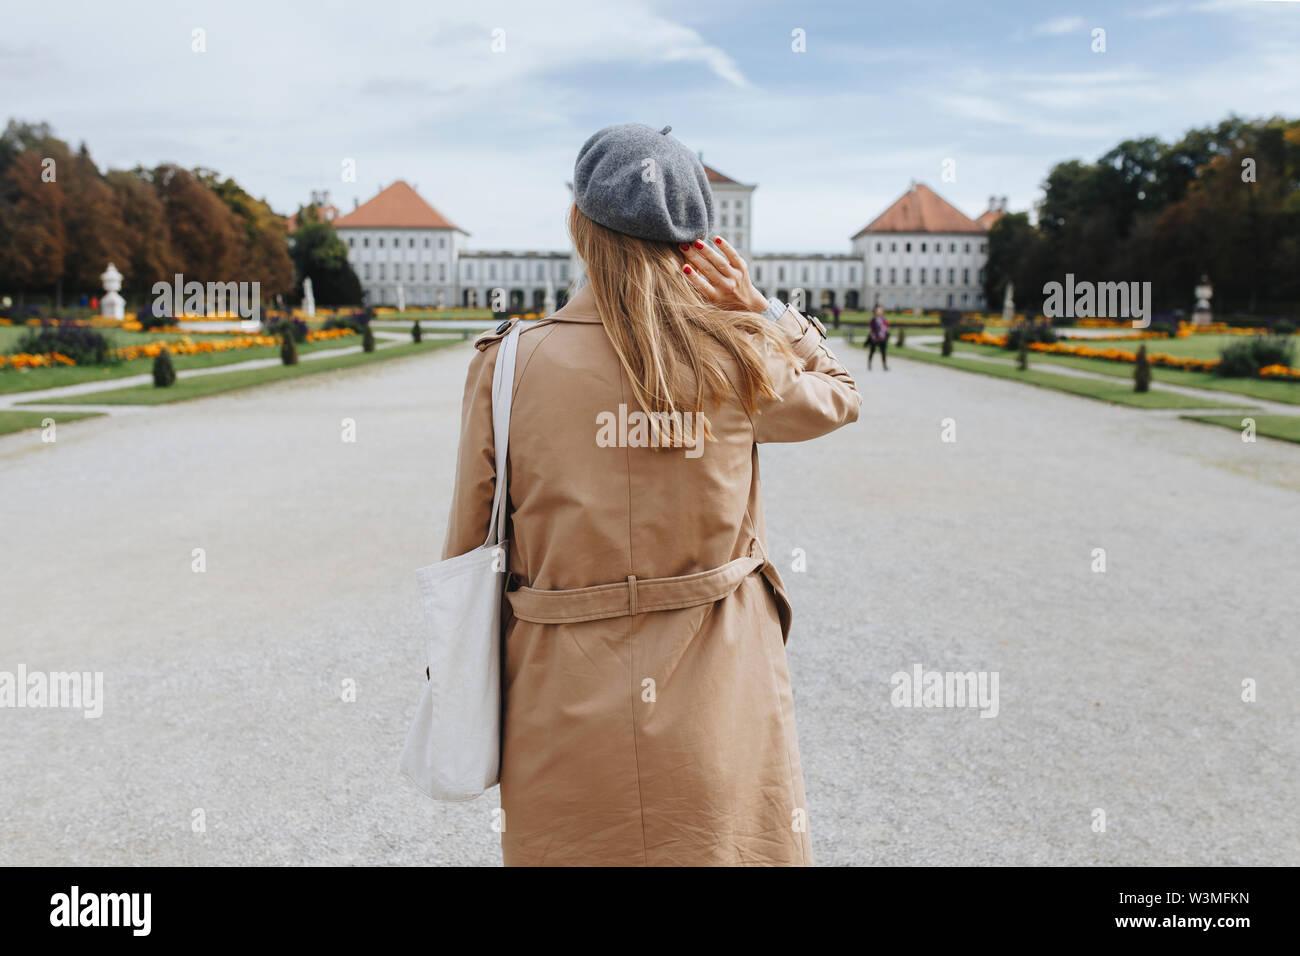 Frau mit Mantel und Baskenmütze durch Schloss Nymphenburg in München, Deutschland Stockfoto